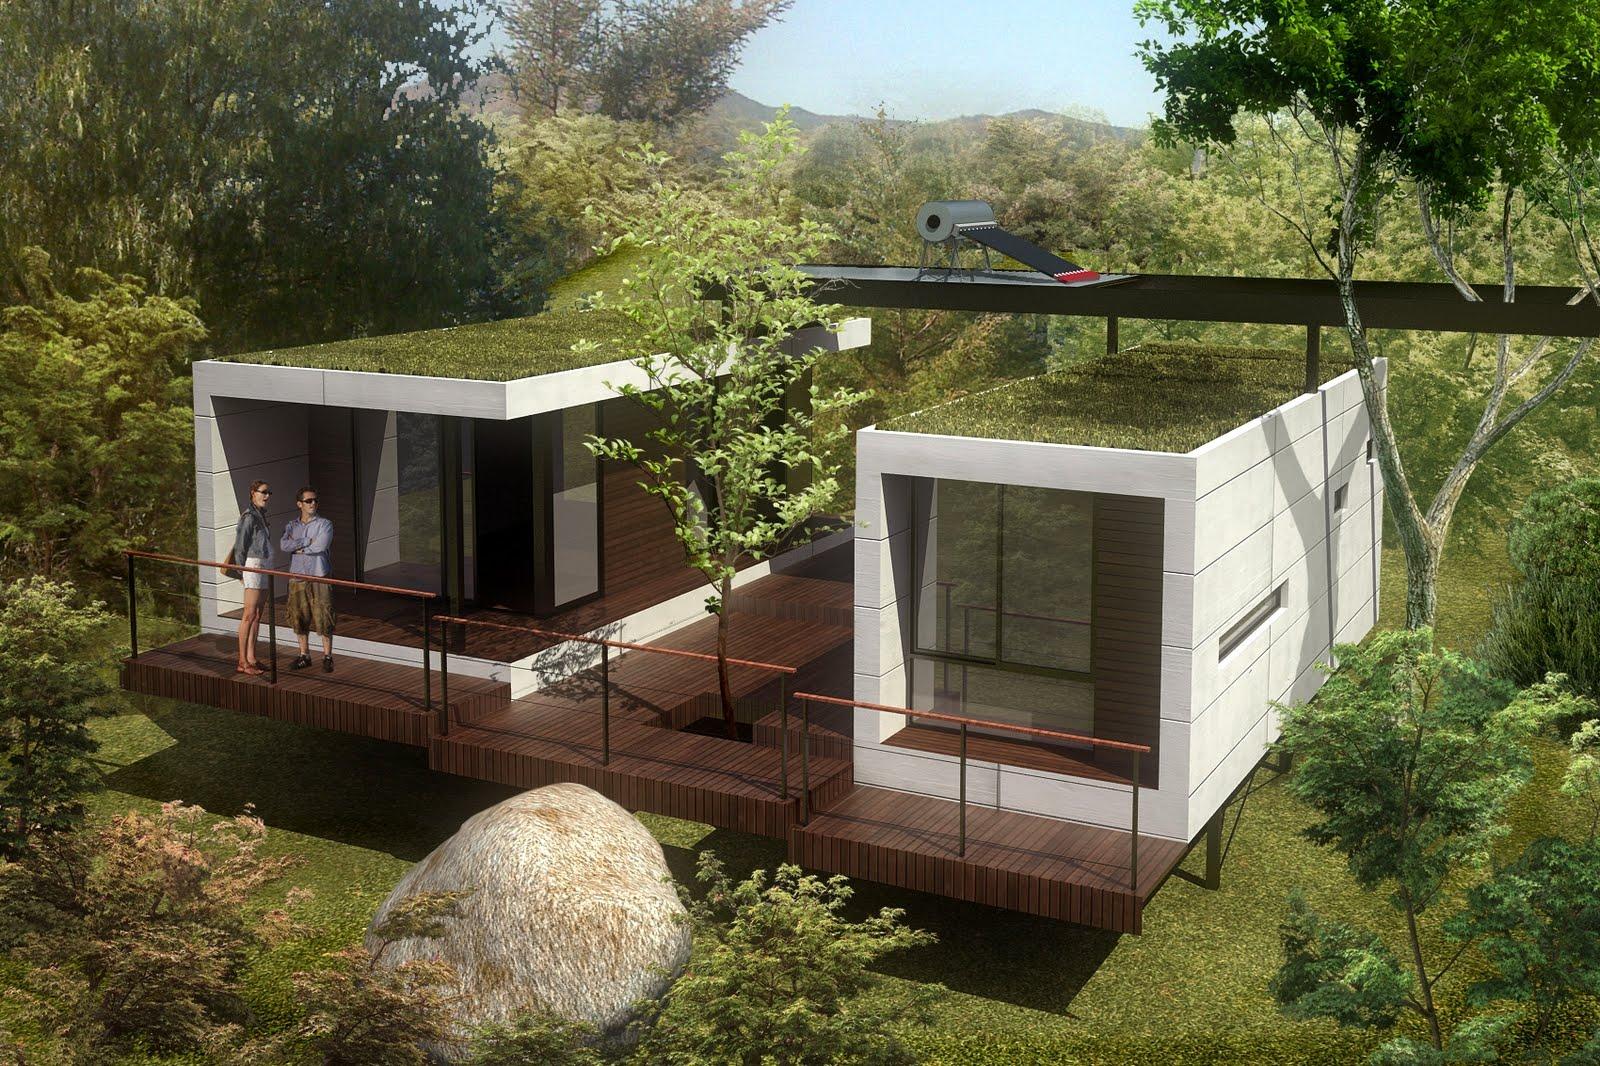 Arquitectura critica caba as modulares armando gross - Casas de madera economicas espana ...